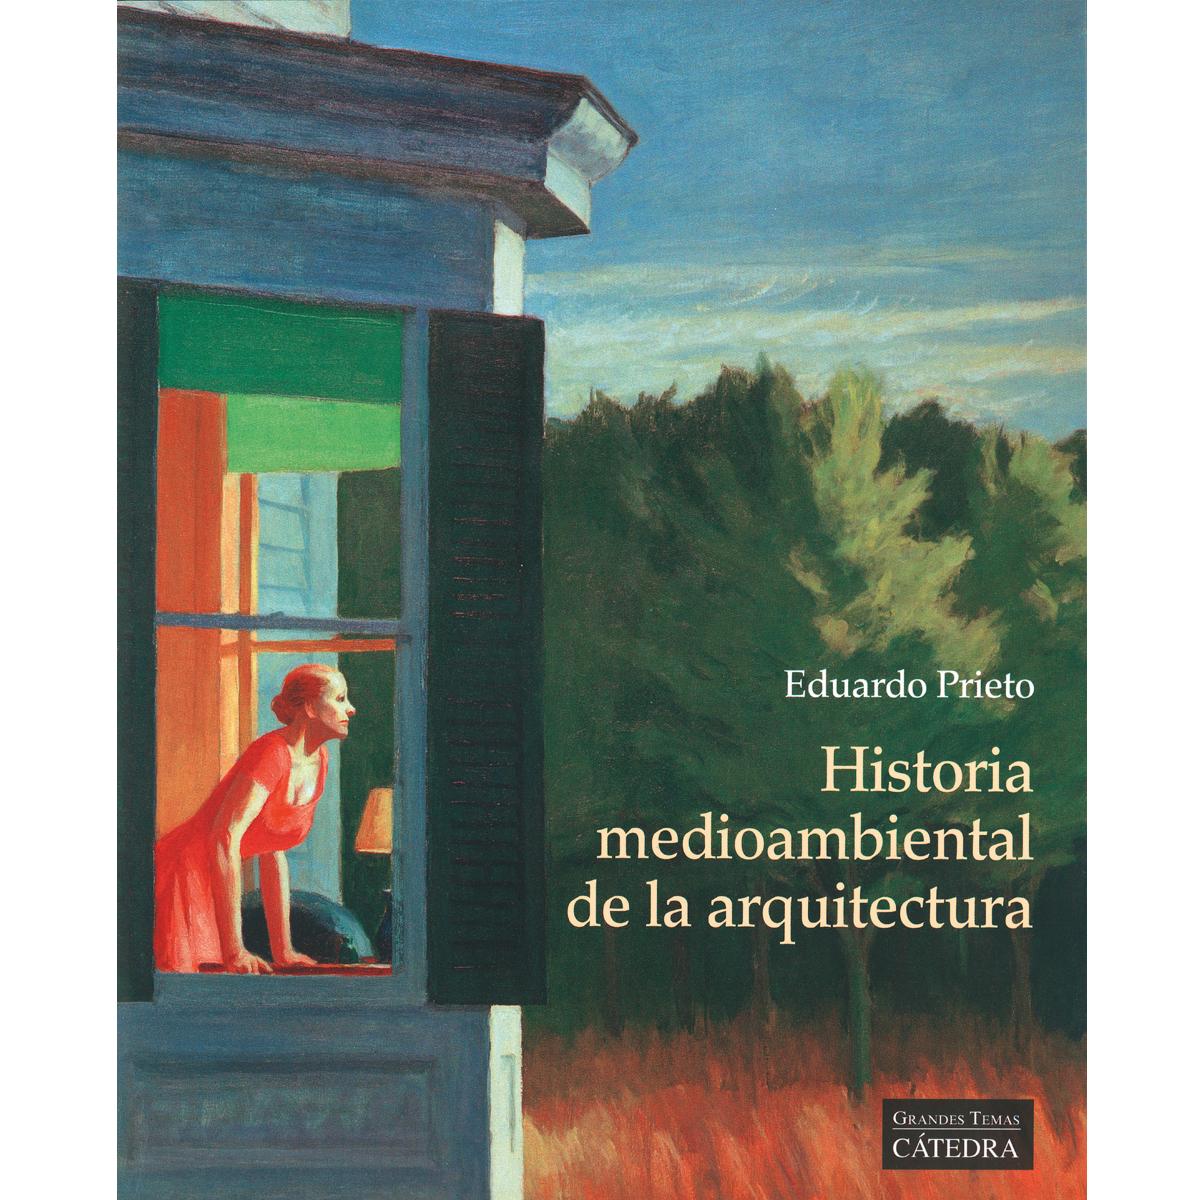 Historial medioambiental  de la arquitectura